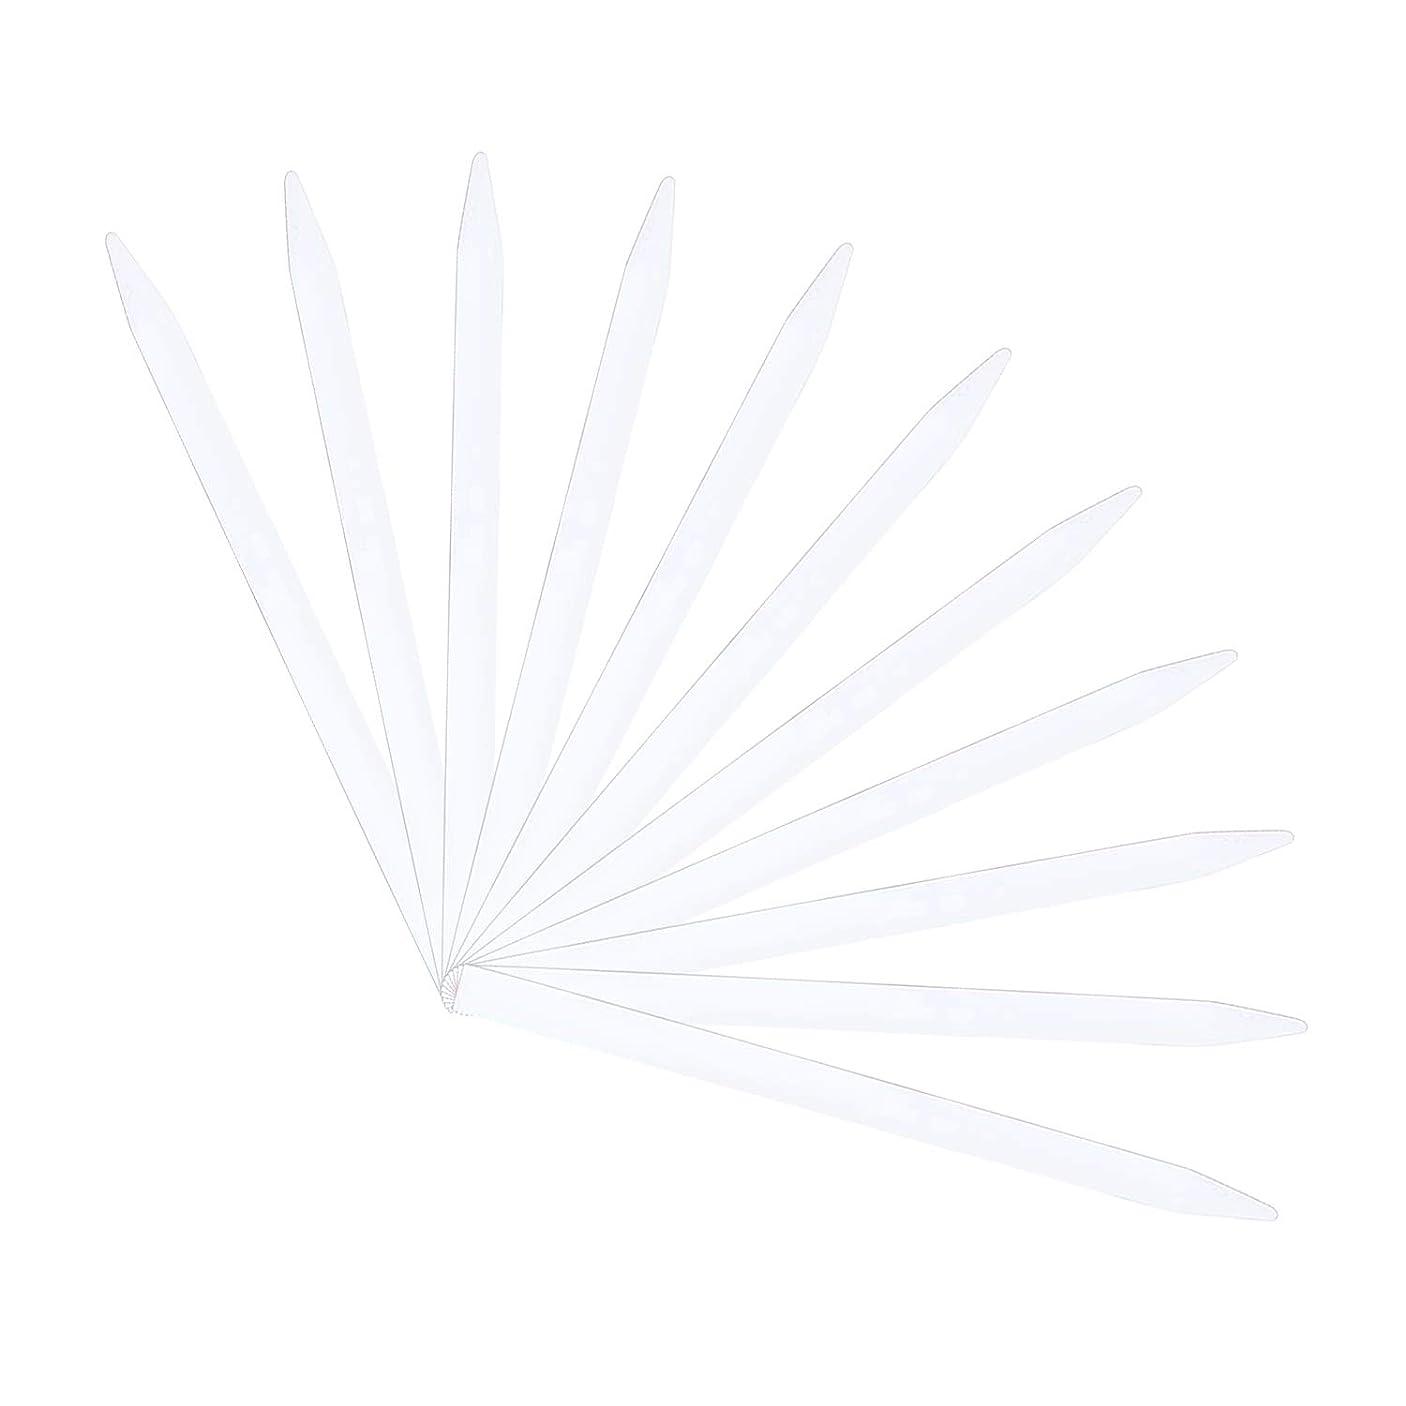 干し草アルファベット順抑制ストリップテスト Migavan テストストリップ 香りのアロマセラピーエッセンシャルオイルをテストするための100個の137×7ミリメートルの香水試験紙ストリップ